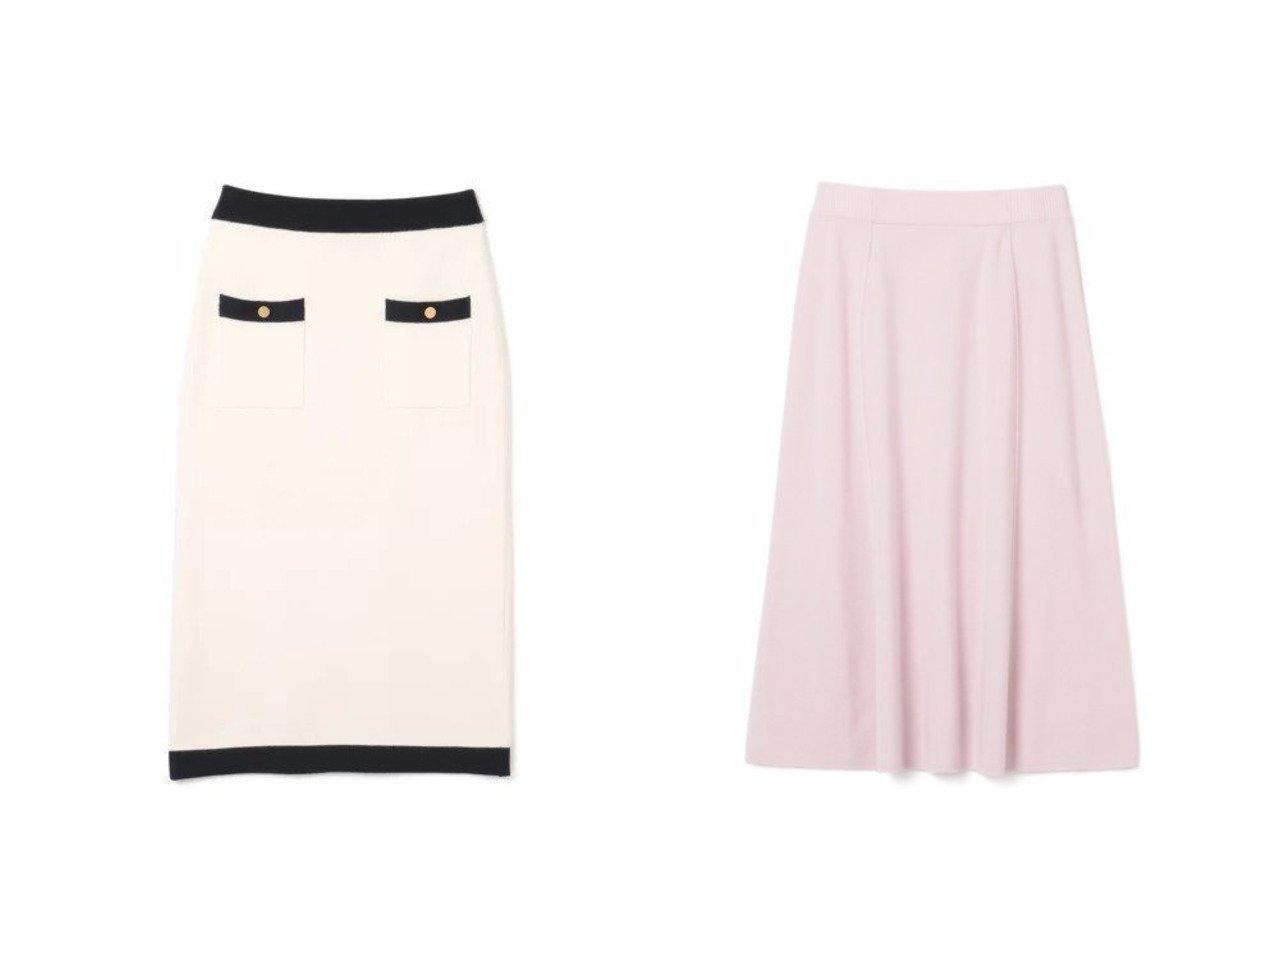 【martinique/マルティニーク】のニットスカート&ニットスカート スカートのおすすめ!人気、トレンド・レディースファッションの通販  おすすめで人気の流行・トレンド、ファッションの通販商品 メンズファッション・キッズファッション・インテリア・家具・レディースファッション・服の通販 founy(ファニー) https://founy.com/ ファッション Fashion レディースファッション WOMEN スカート Skirt スタイリッシュ パッチ ポケット マキシ ロング |ID:crp329100000009739